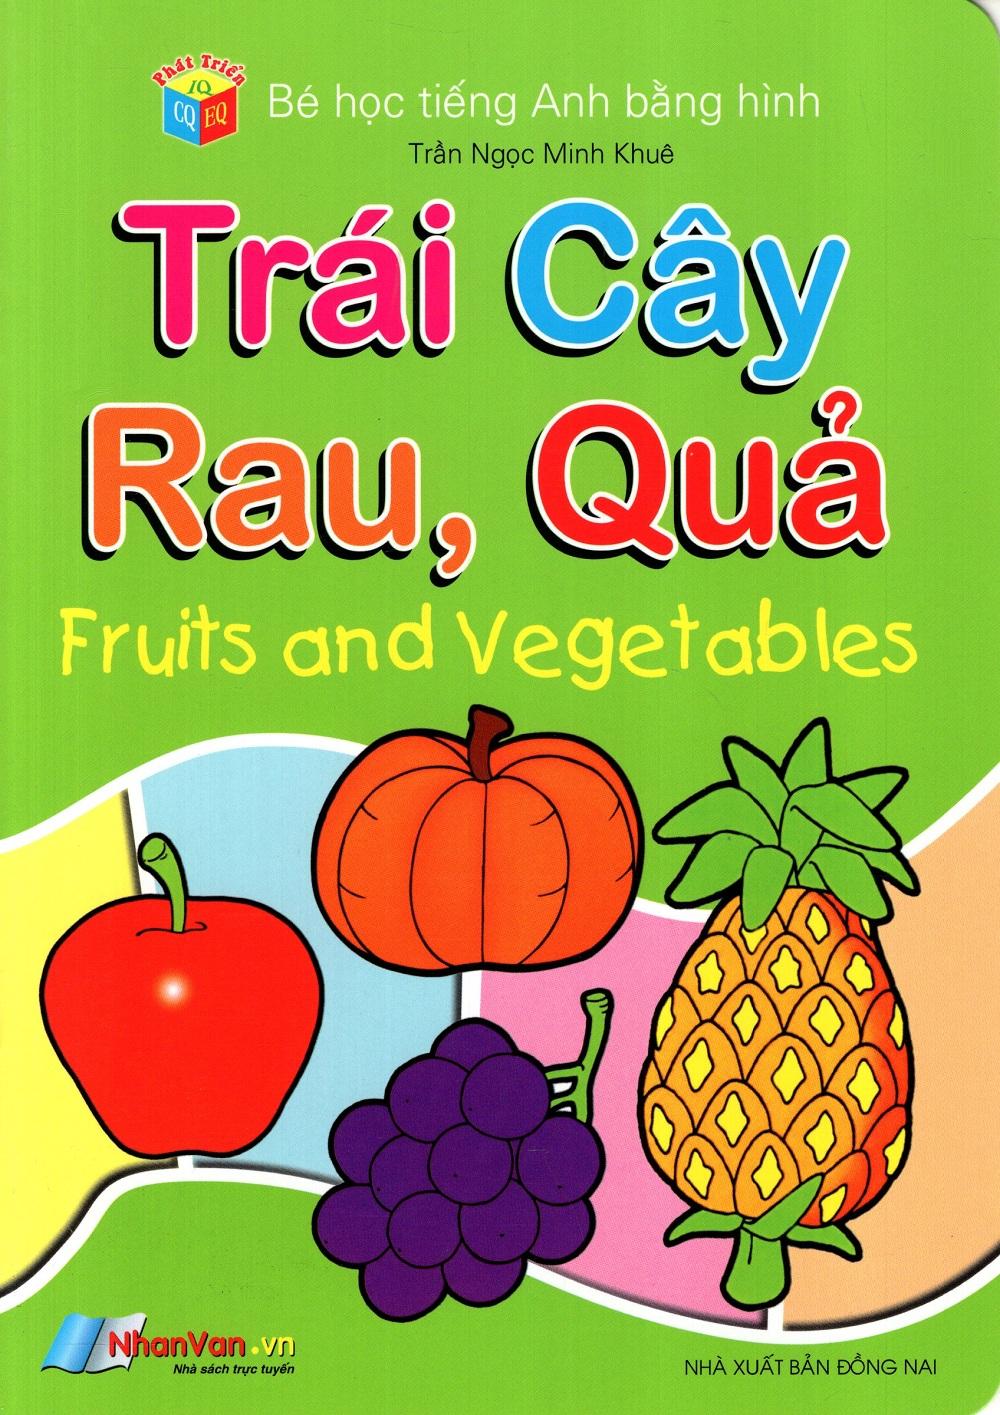 Bìa sách Bé Học Tiếng Anh Bằng Hình: Trái Cây Và Rau, Quả